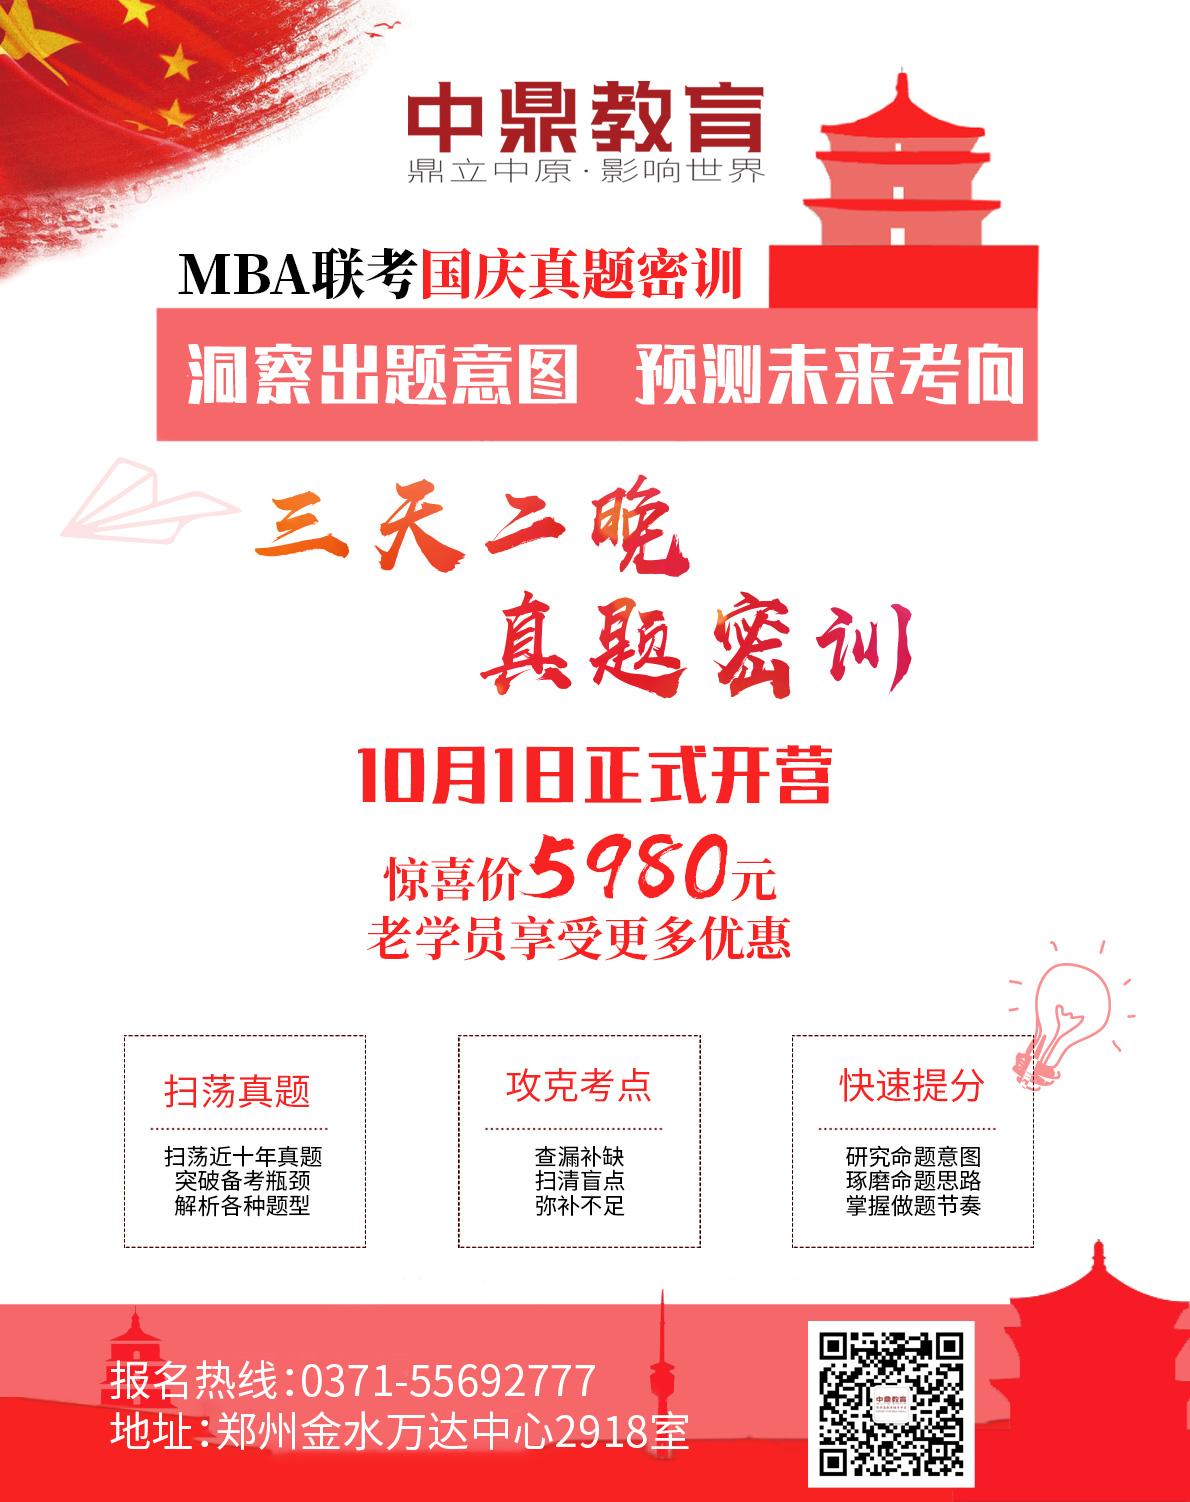 鄭州中鼎MBA輔導培訓中心